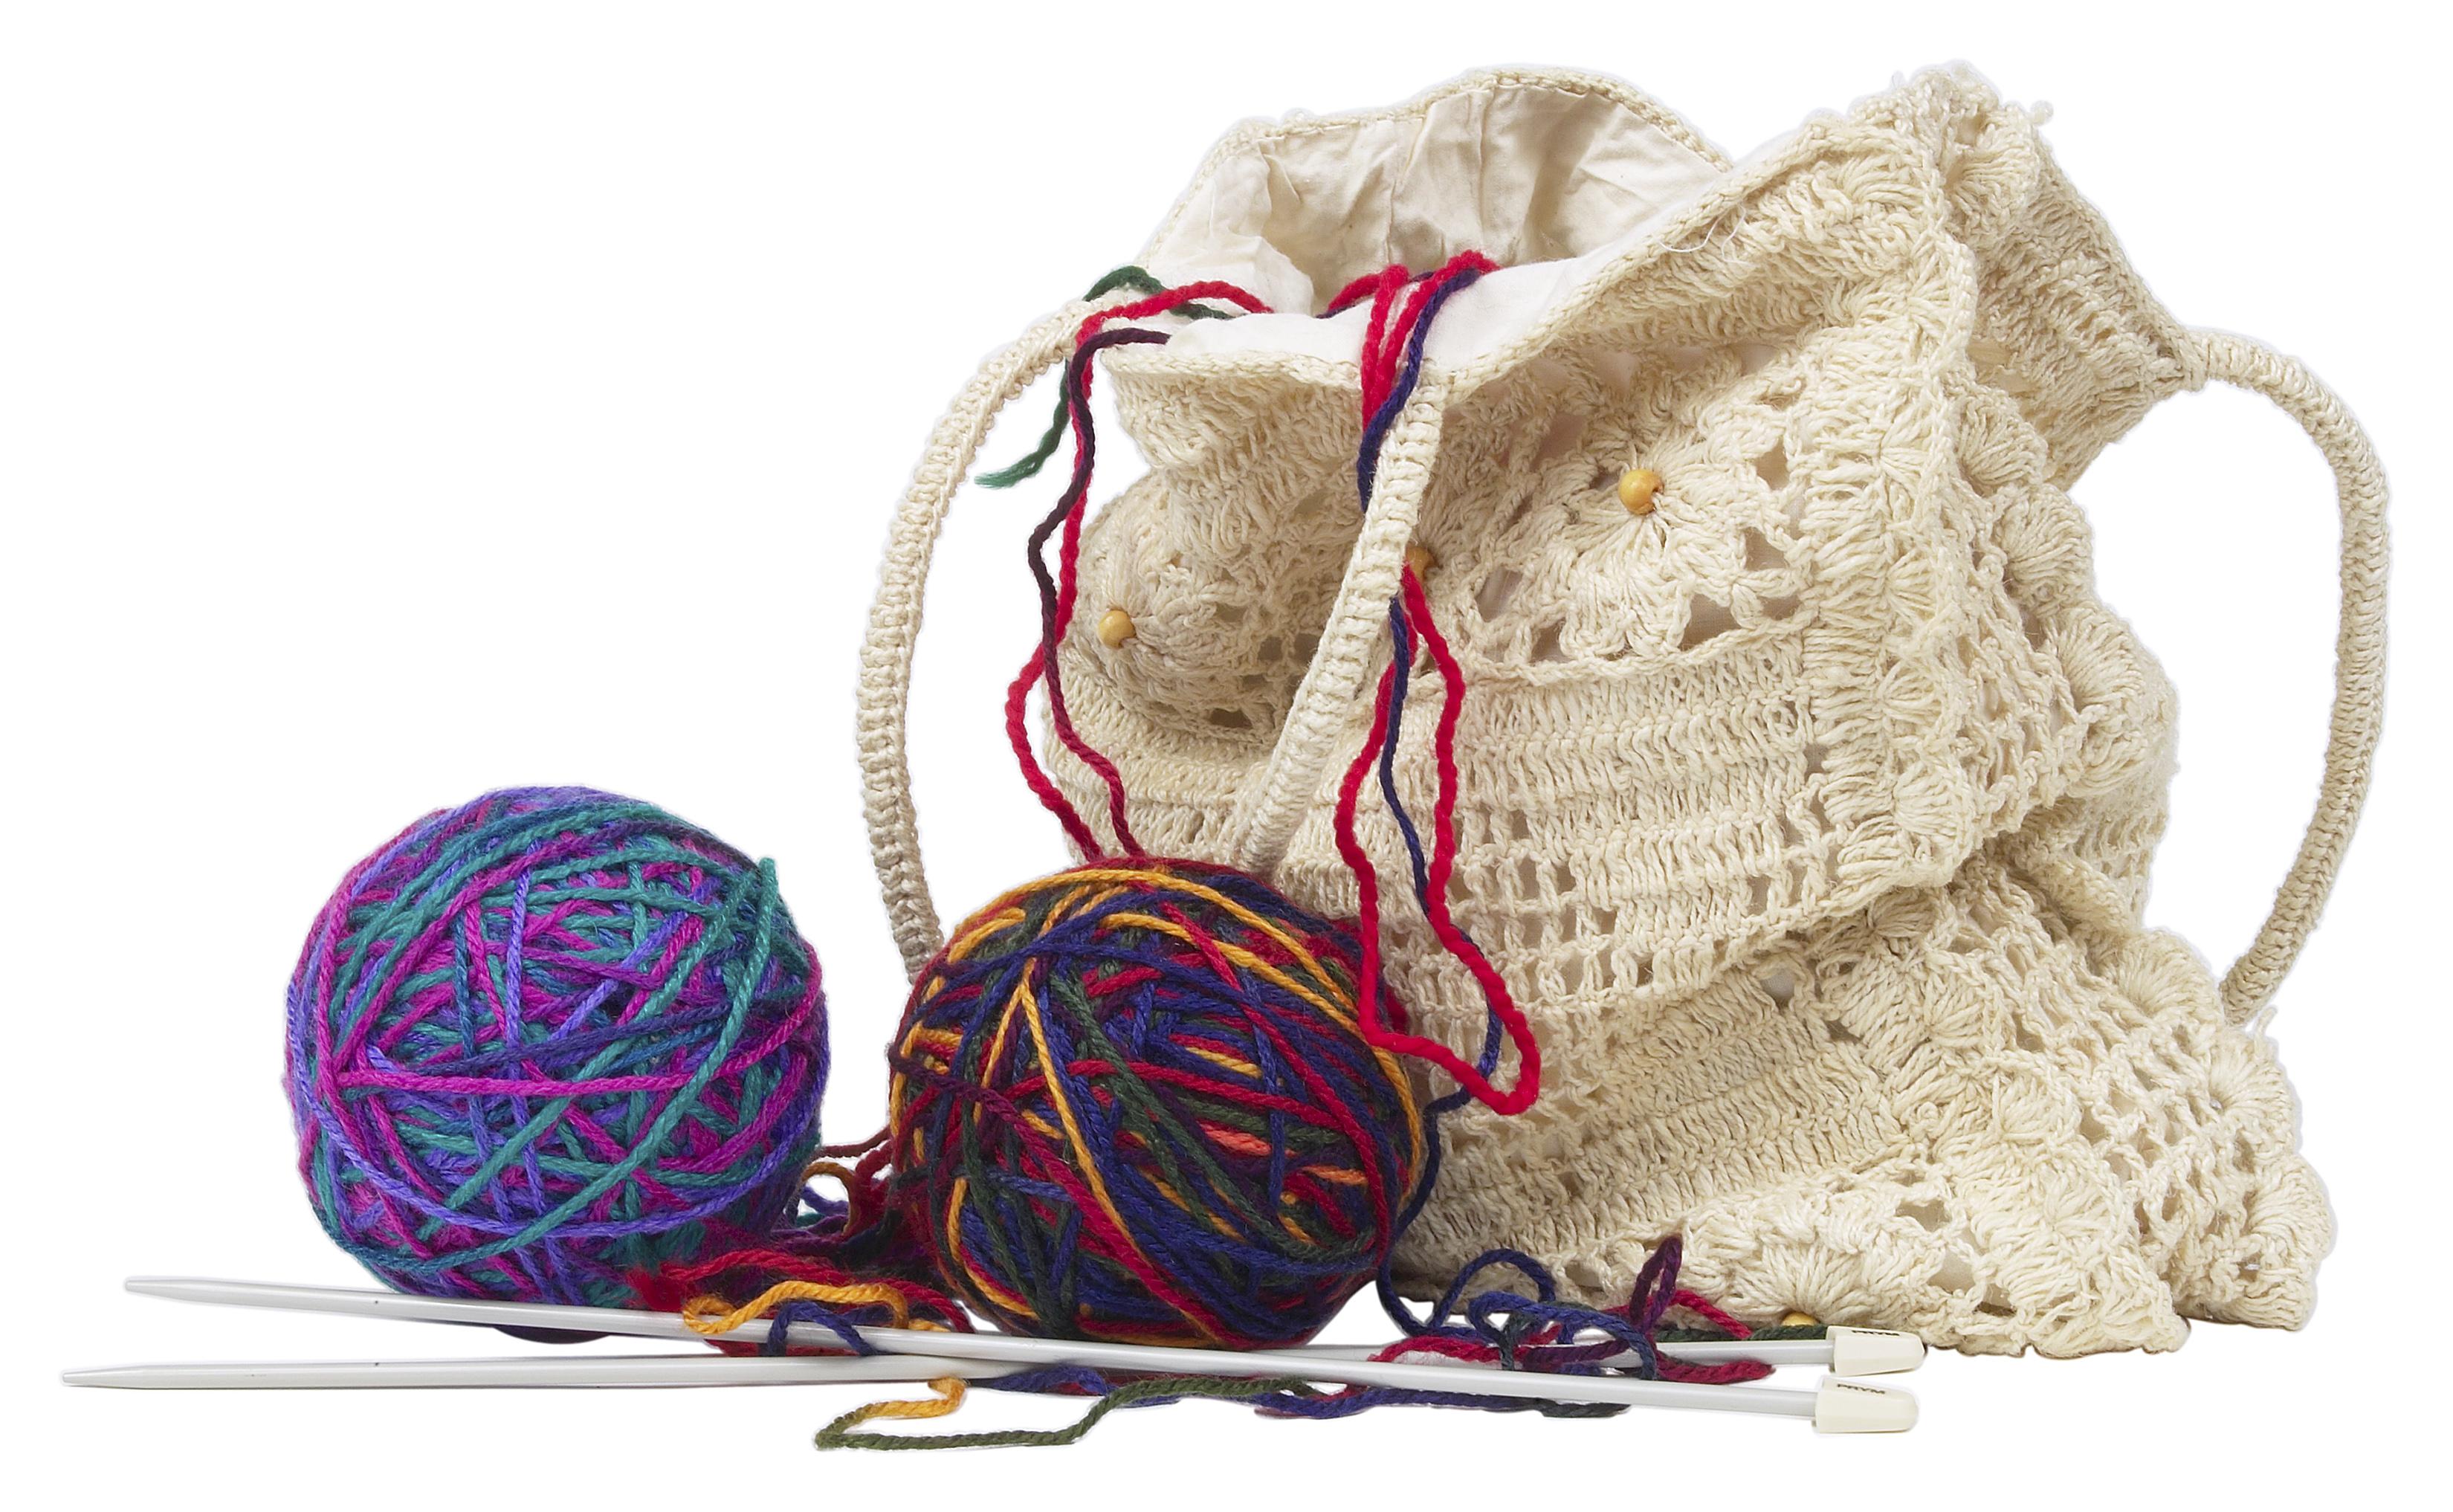 Como Hacer Bolsos Tejidos. Informacin. Cmo Tejer Un Bolso A Crochet ...